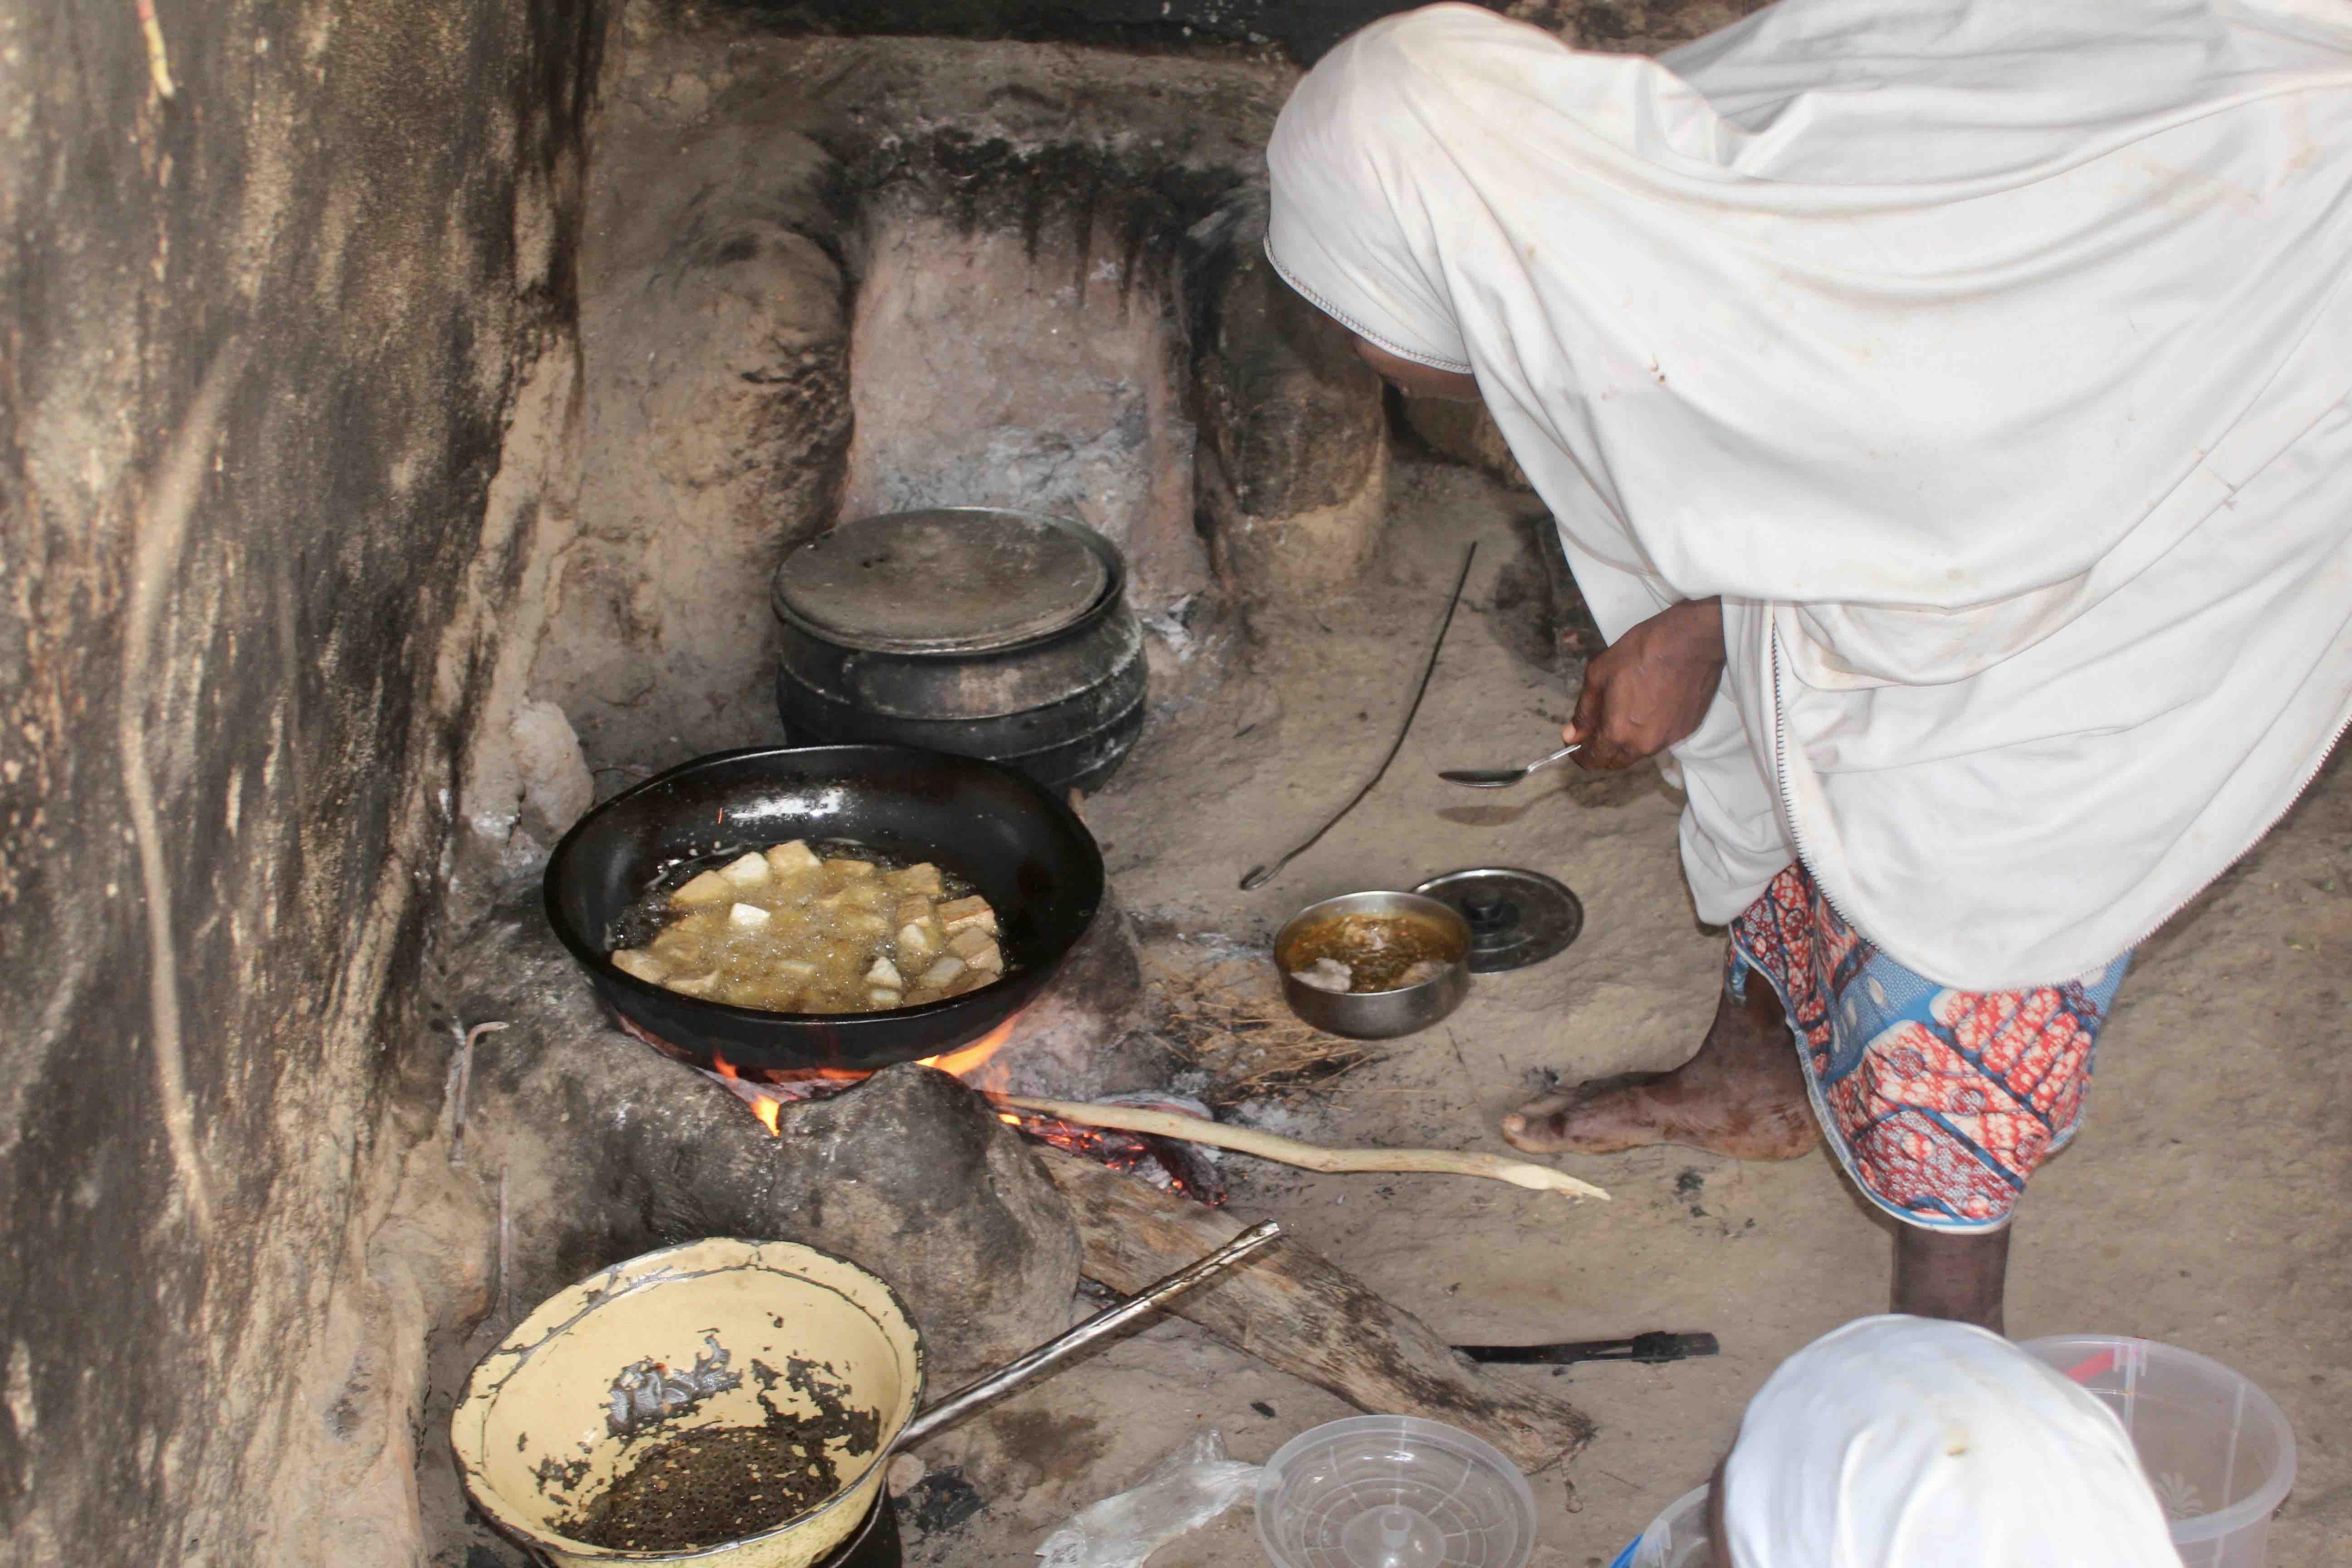 Fulani Woman frying Awara (Tofu), Langa Langa Village, Nasarawa State, Nigeria. #JujuFilms